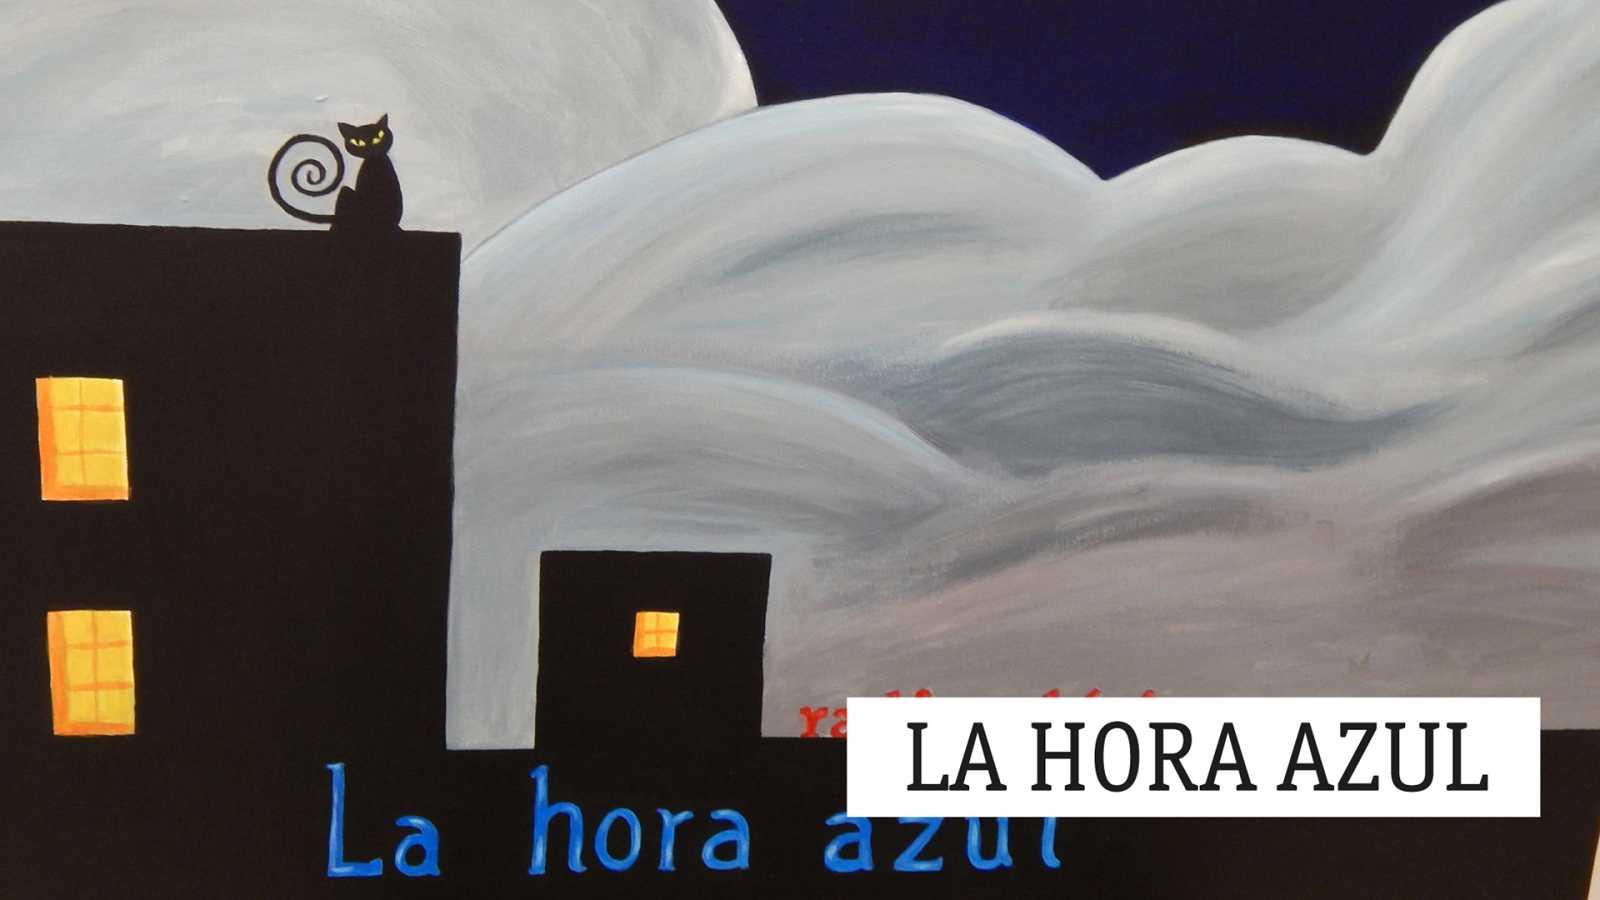 La hora azul - Novedades Discográficas. Selene de Tomás Marco y más - 22/04/21 - escuchar ahora